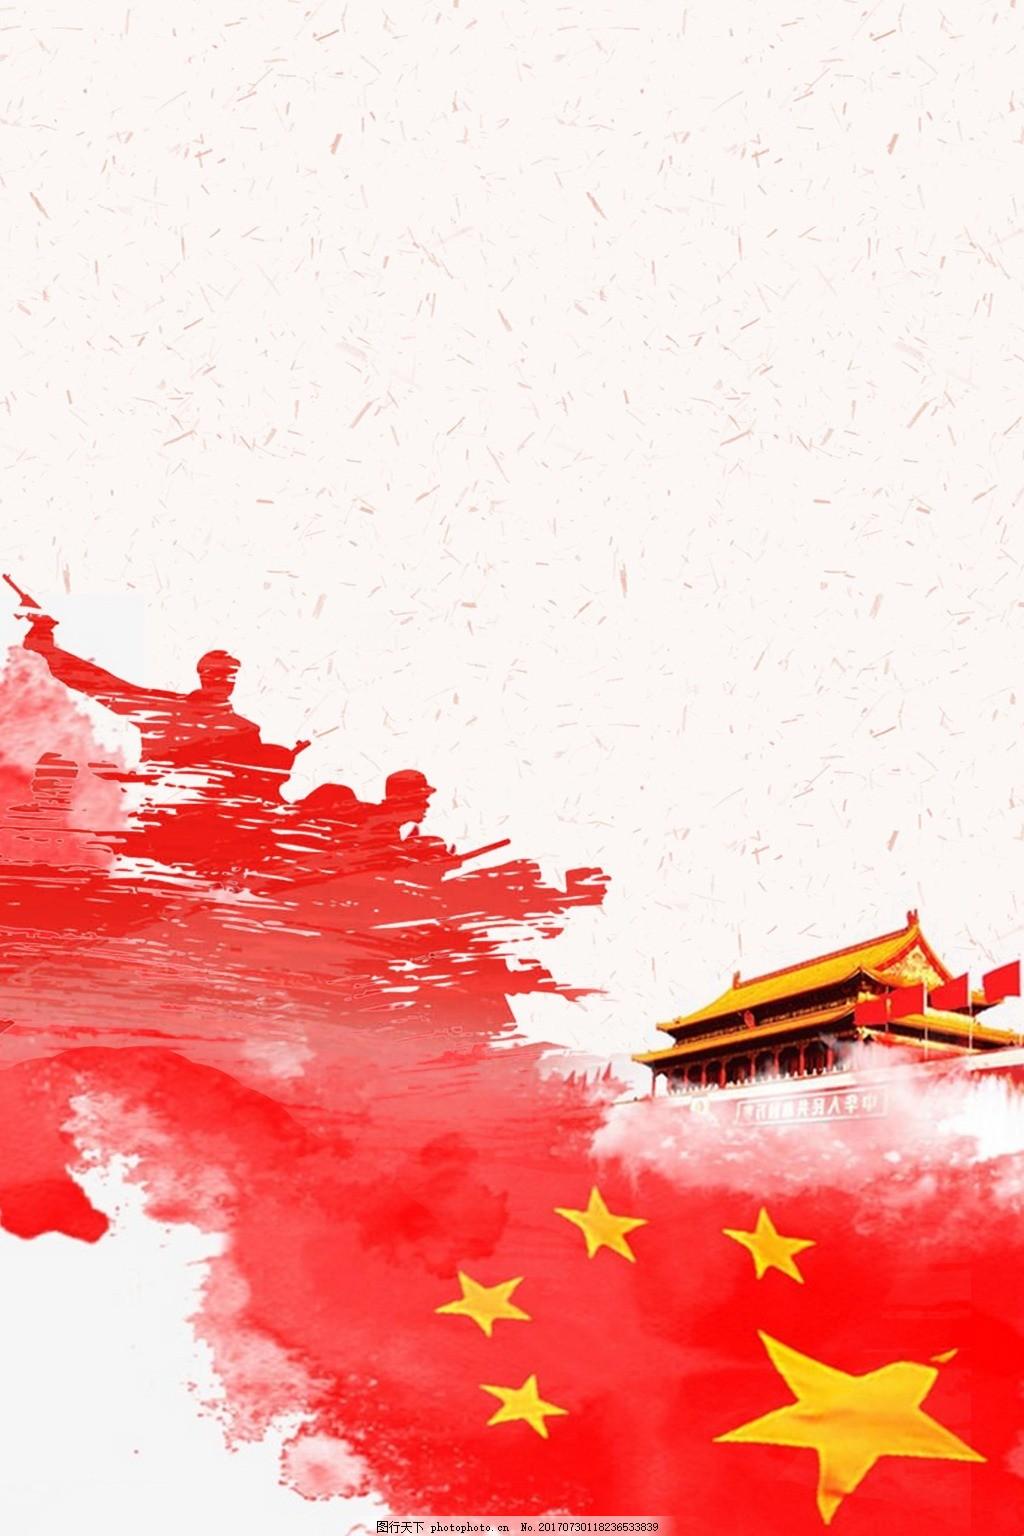 手绘天安门解放军背景 红色渐变 五星红旗 国旗